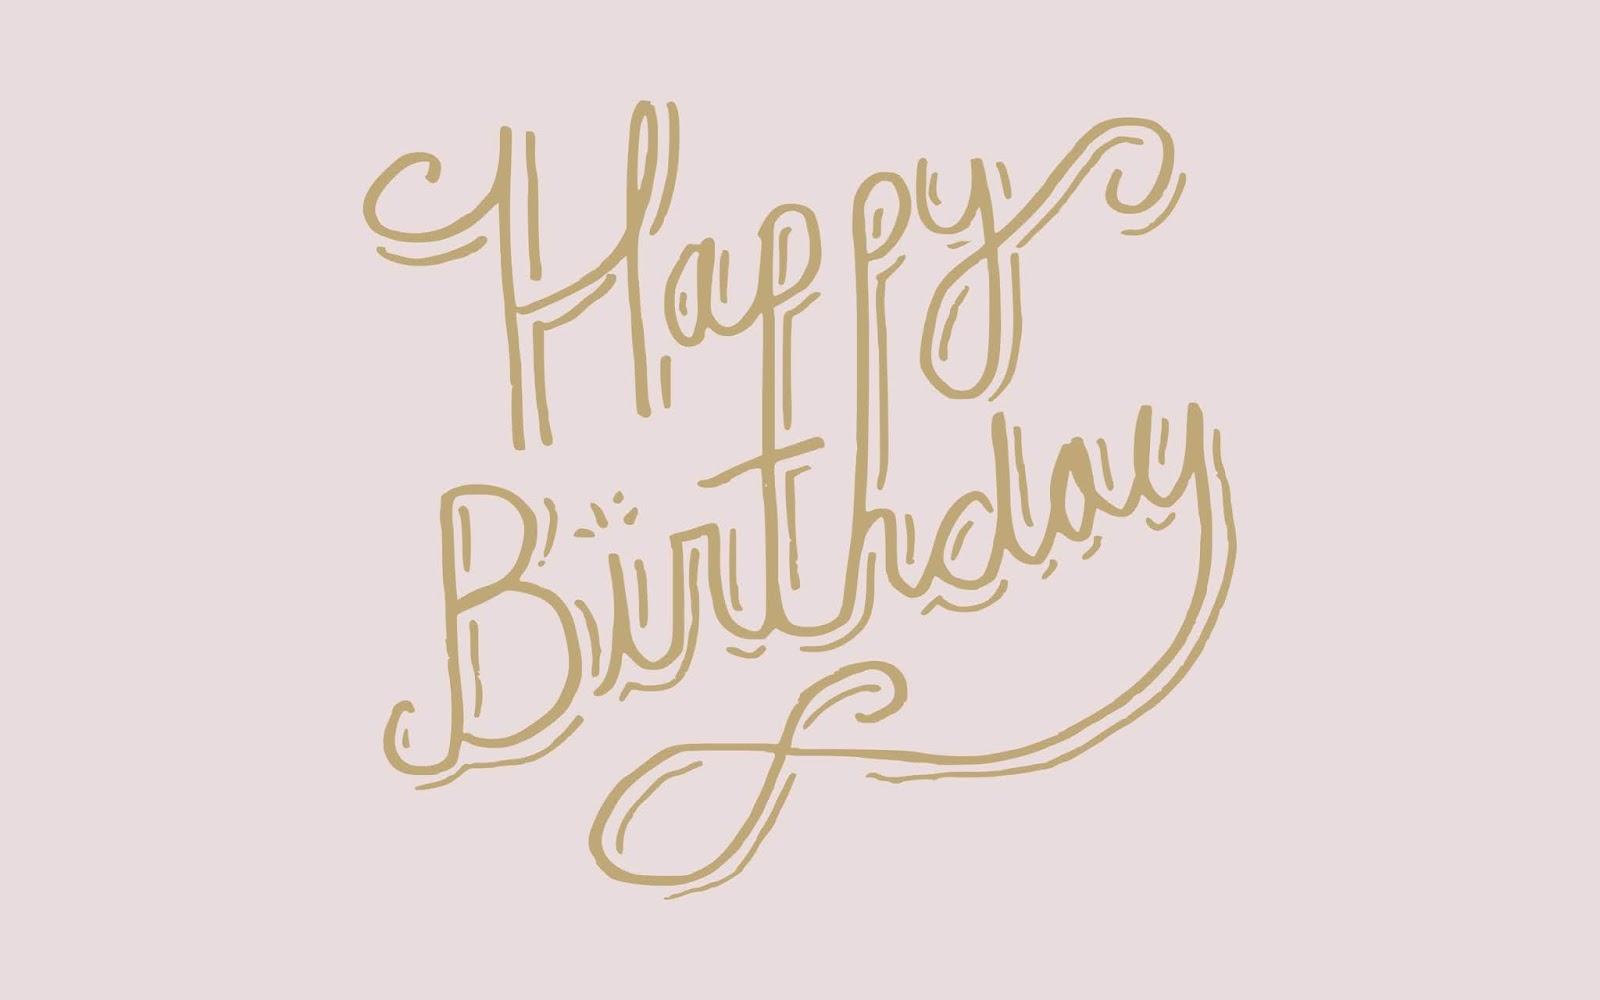 Happy birthday Jenmag